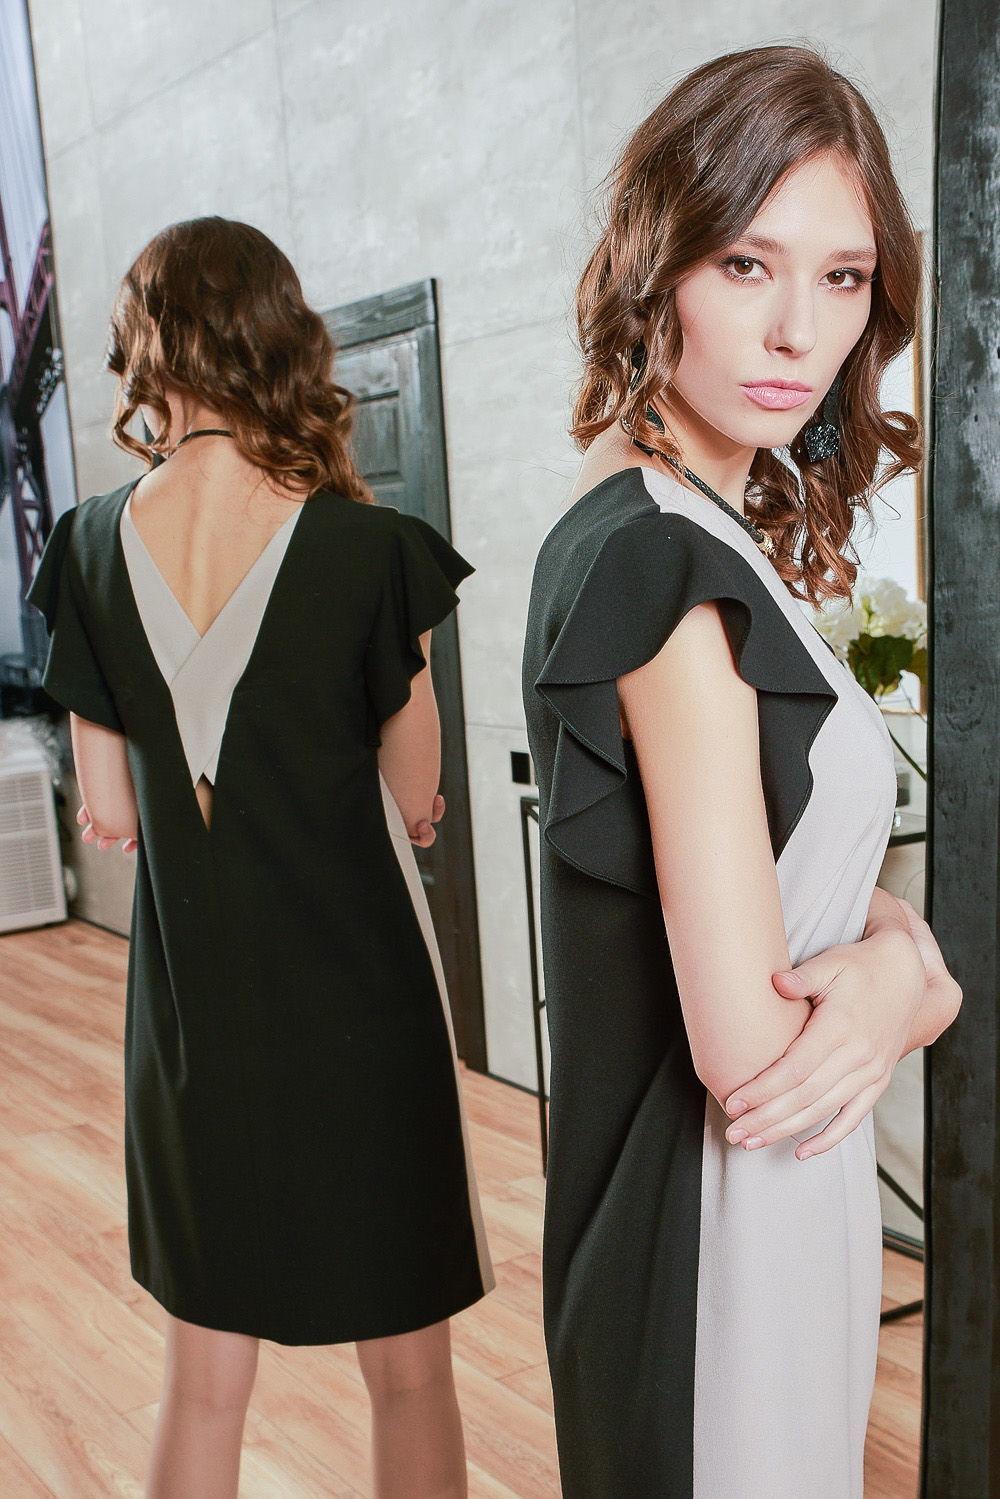 Платье З426-514 - Изумительное комбинированное платье из дуэта тканей компаньонов. Нежный пастельный кремовый тон платья гармонично комплектует черная монохромная ткань.Изюминкой модели служат кокетливые рукава-крылышки и глубокий V-образный вырез на спине, контрастно декорированный элементами из основной ткани. За счет качественного материала и подклада, платье отлично садится на фигуру.Платье прямого силуэта длиной на ладонь выше колена. Обеспечивает свободу движения и поможет скрыть возможные несовершенства фигуры.Платье добавит вам привлекательности в повседневной жизни и на коктельных вечеринках